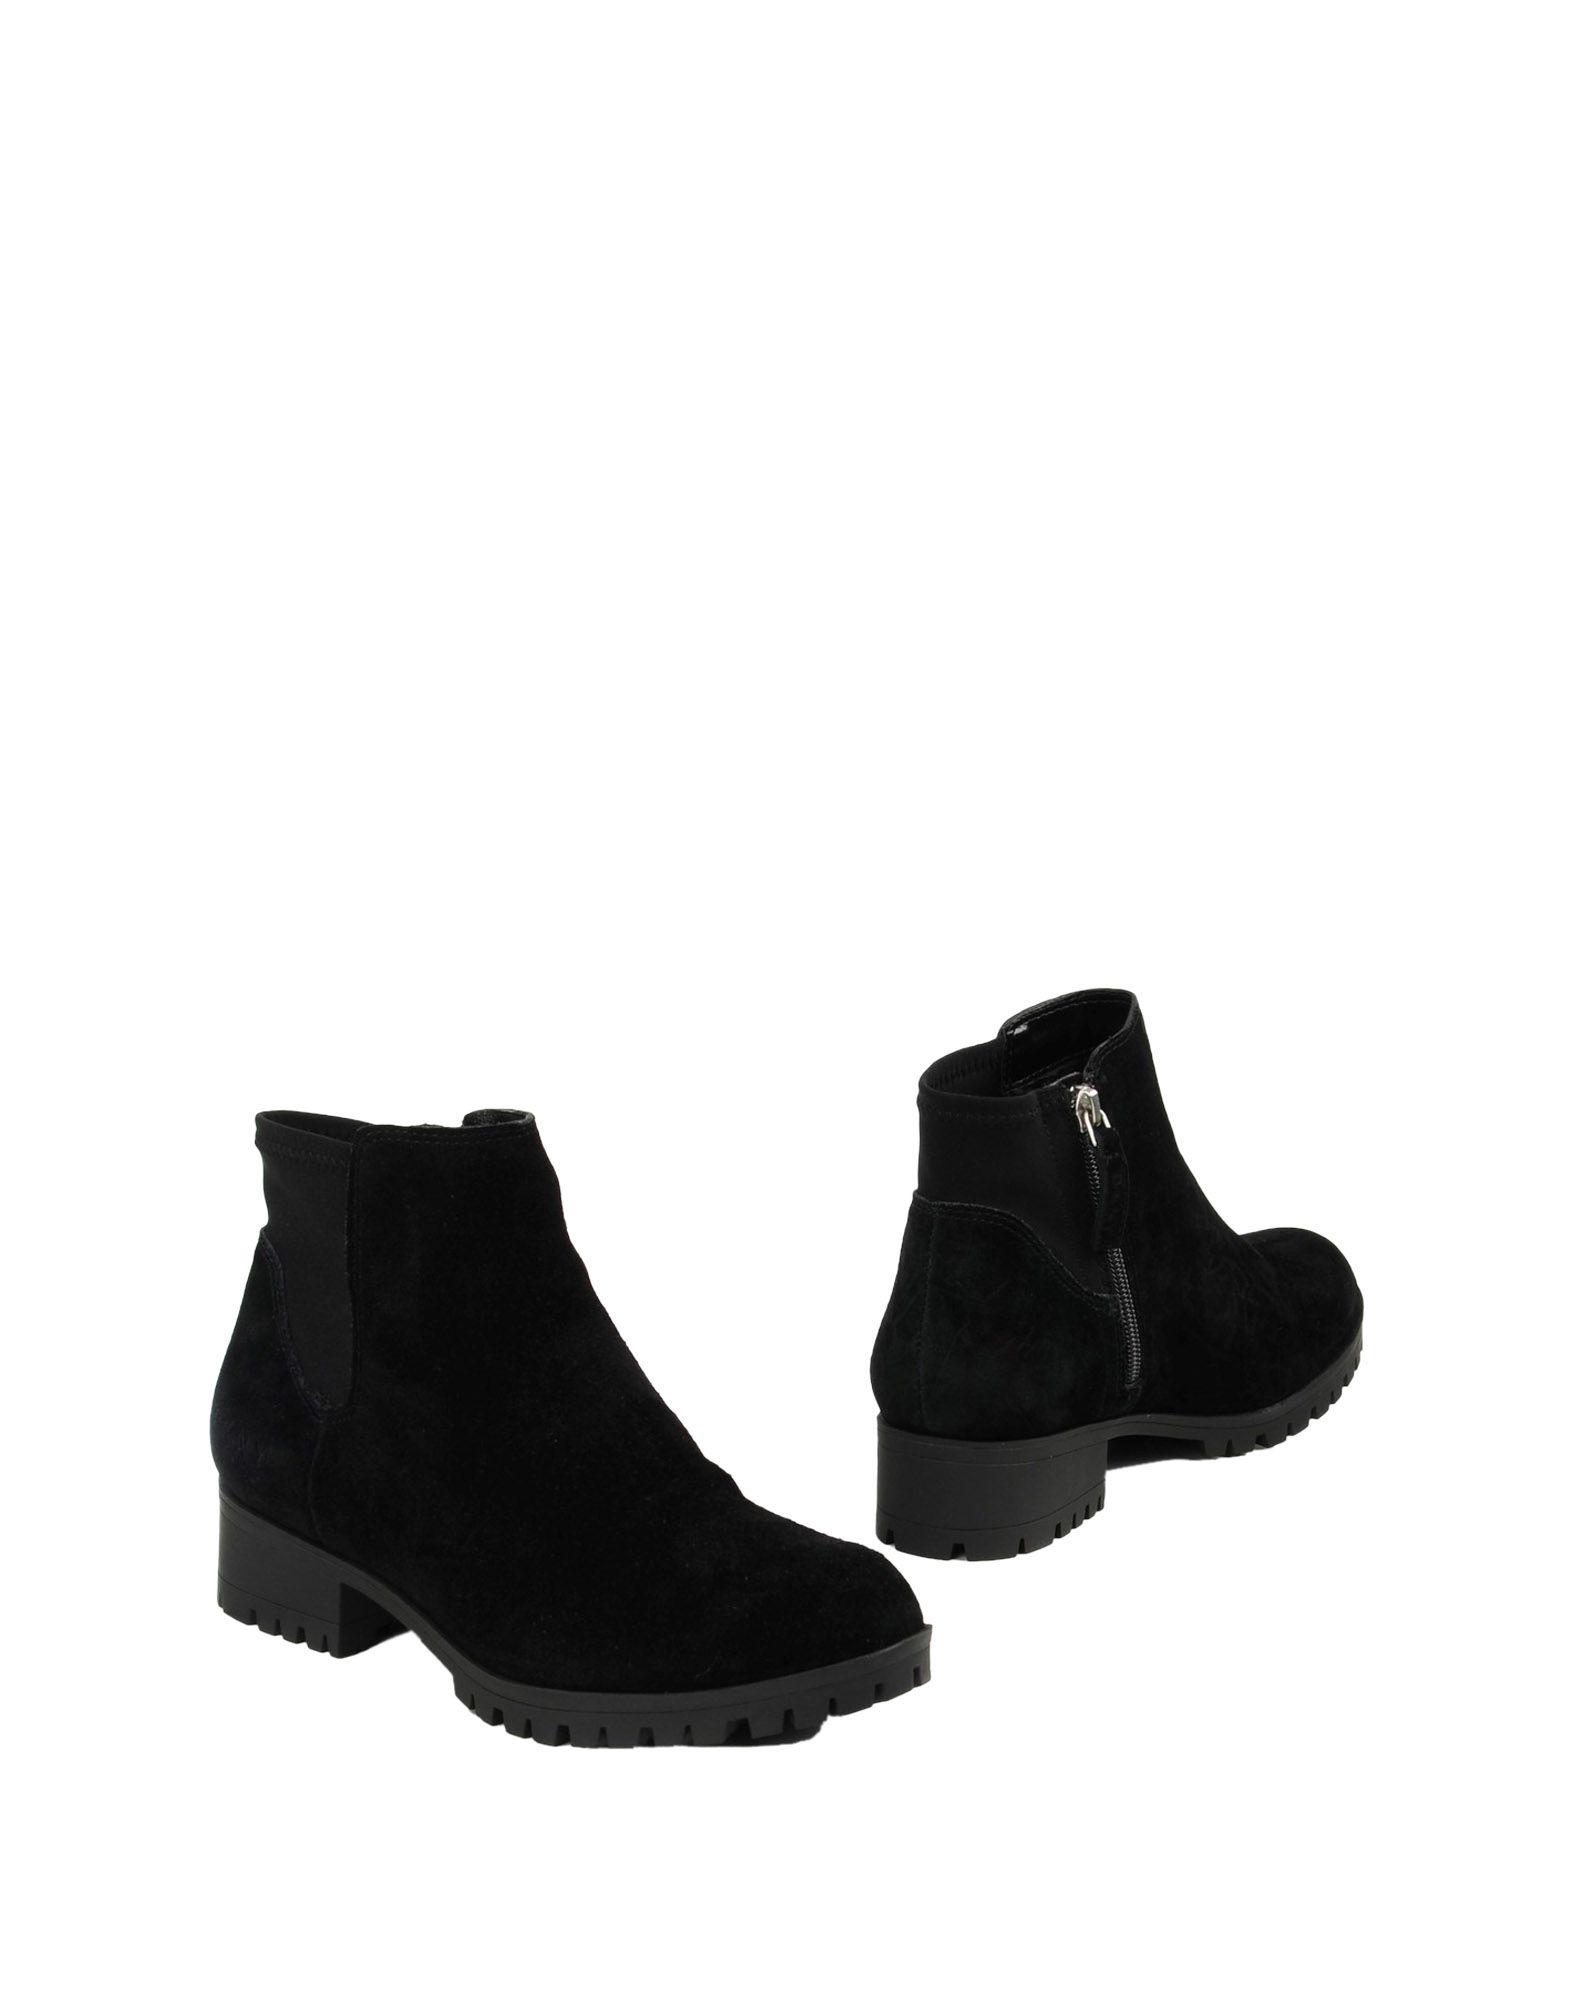 DKNY Полусапоги и высокие ботинки купить футбольную форму челси торрес